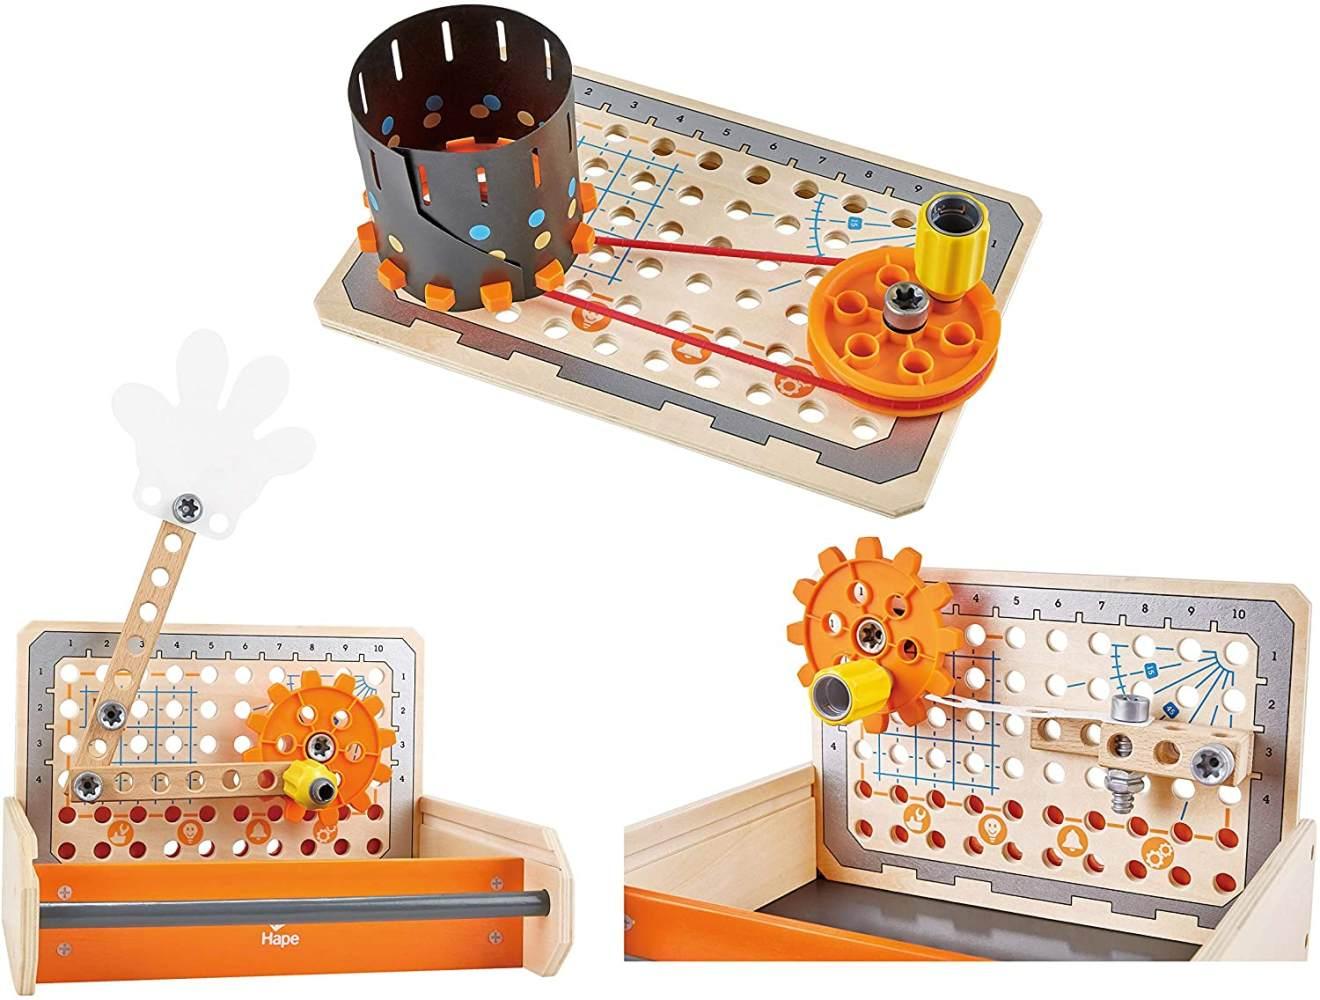 Hape E3029 – Tüftler Werkzeugkasten, MINT-Spielzeug, Experimentierset, Junior Inventor - Erfinden und Experimentieren Bild 1